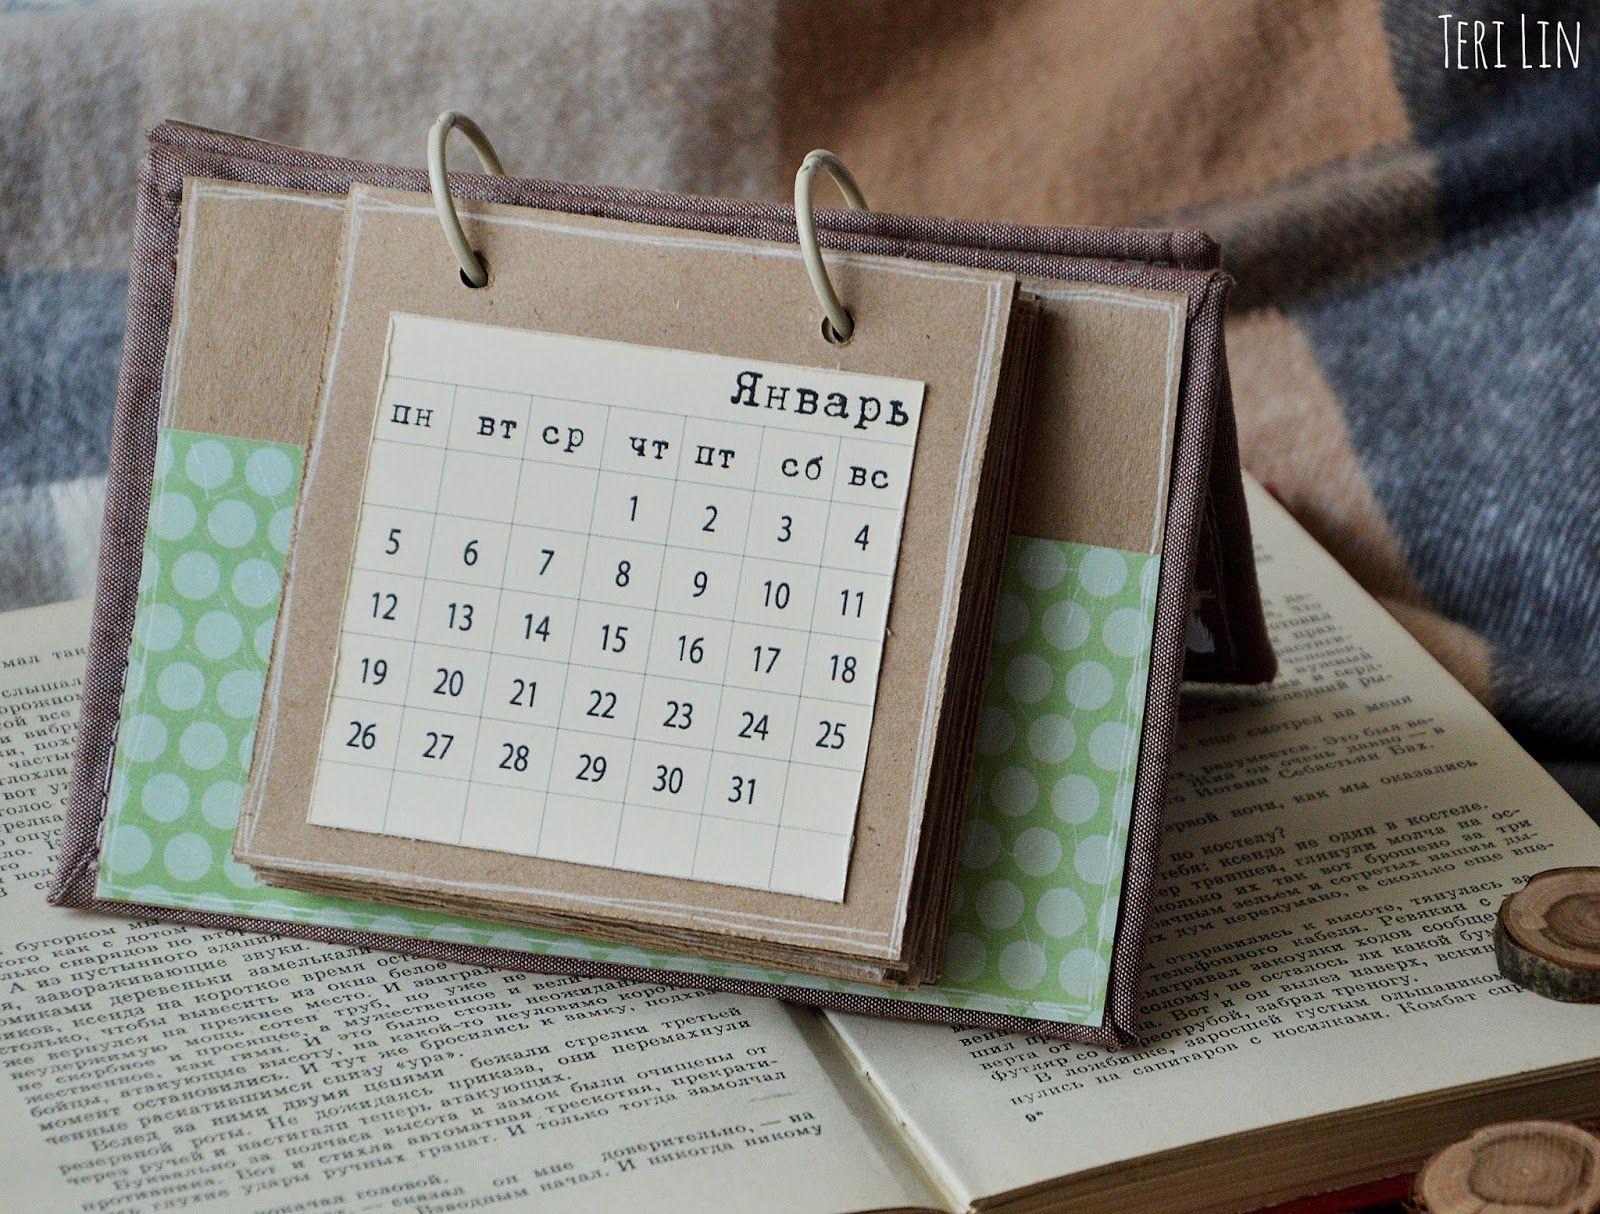 Конен белэн, календари открытки оптом дешево